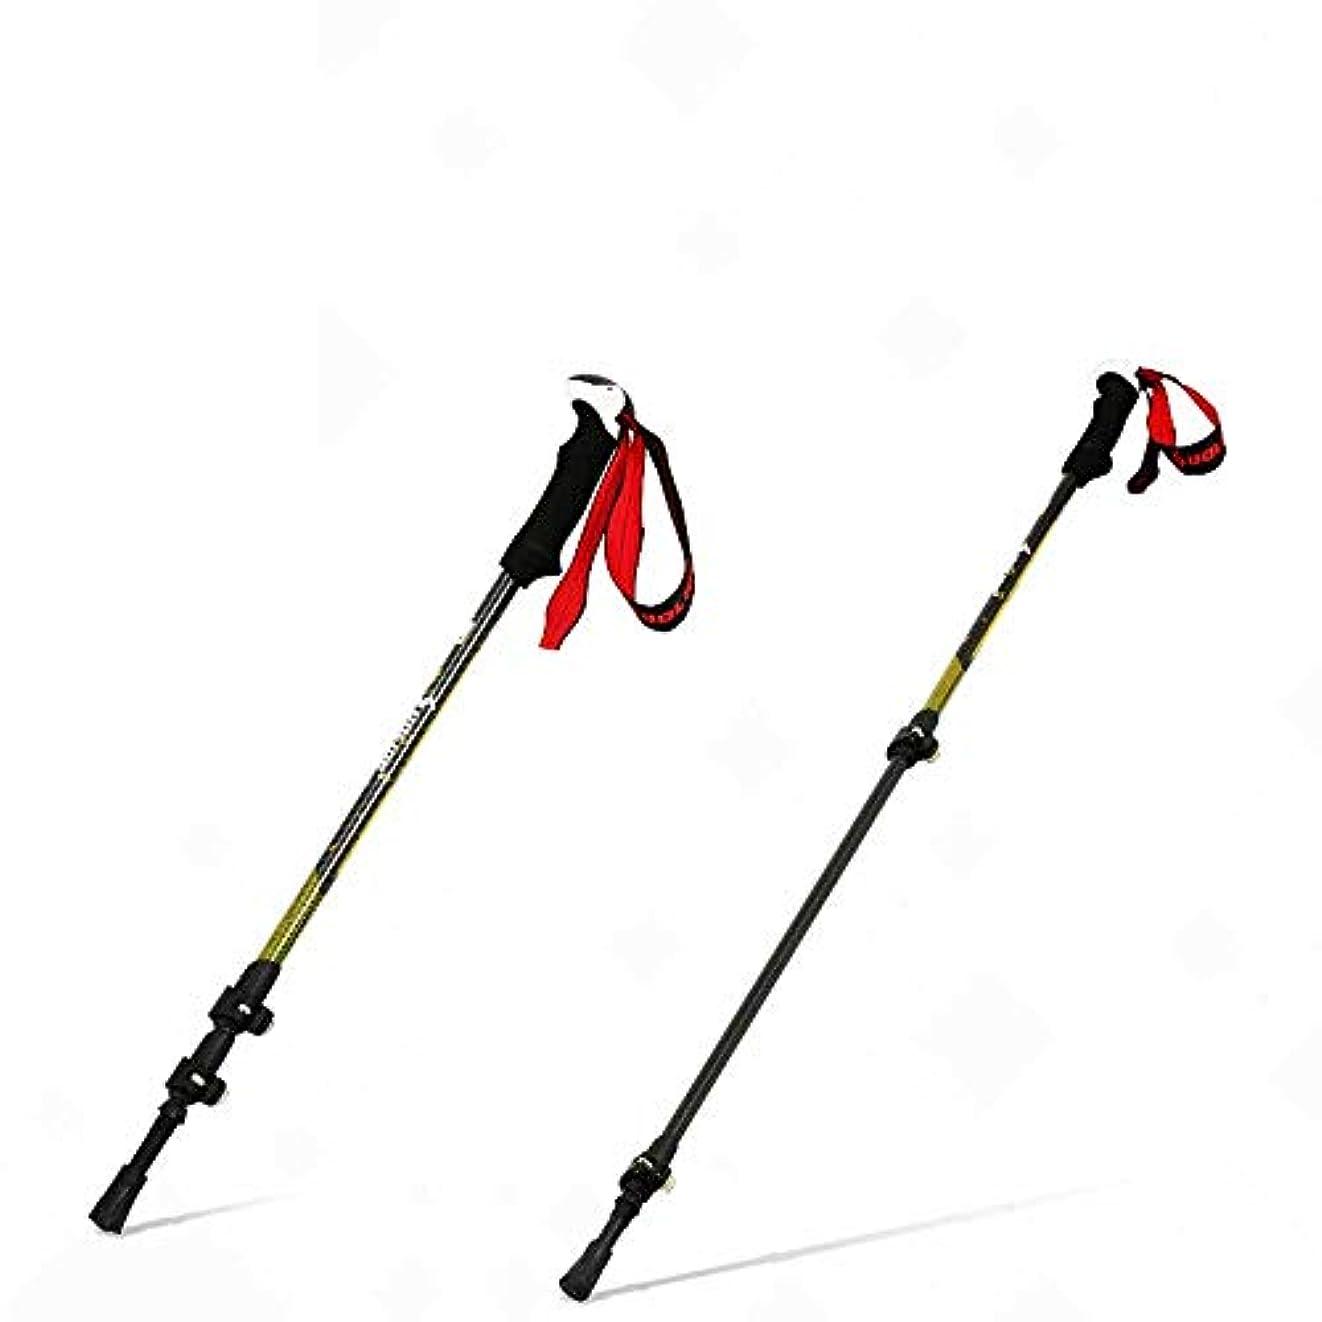 指定量で刈るトレッキングポール1ペア、3kカーボンファイバー、純重量180g、取り外し可能な保護カバー、ハイキングや旅行のための調整可能なリストバンド